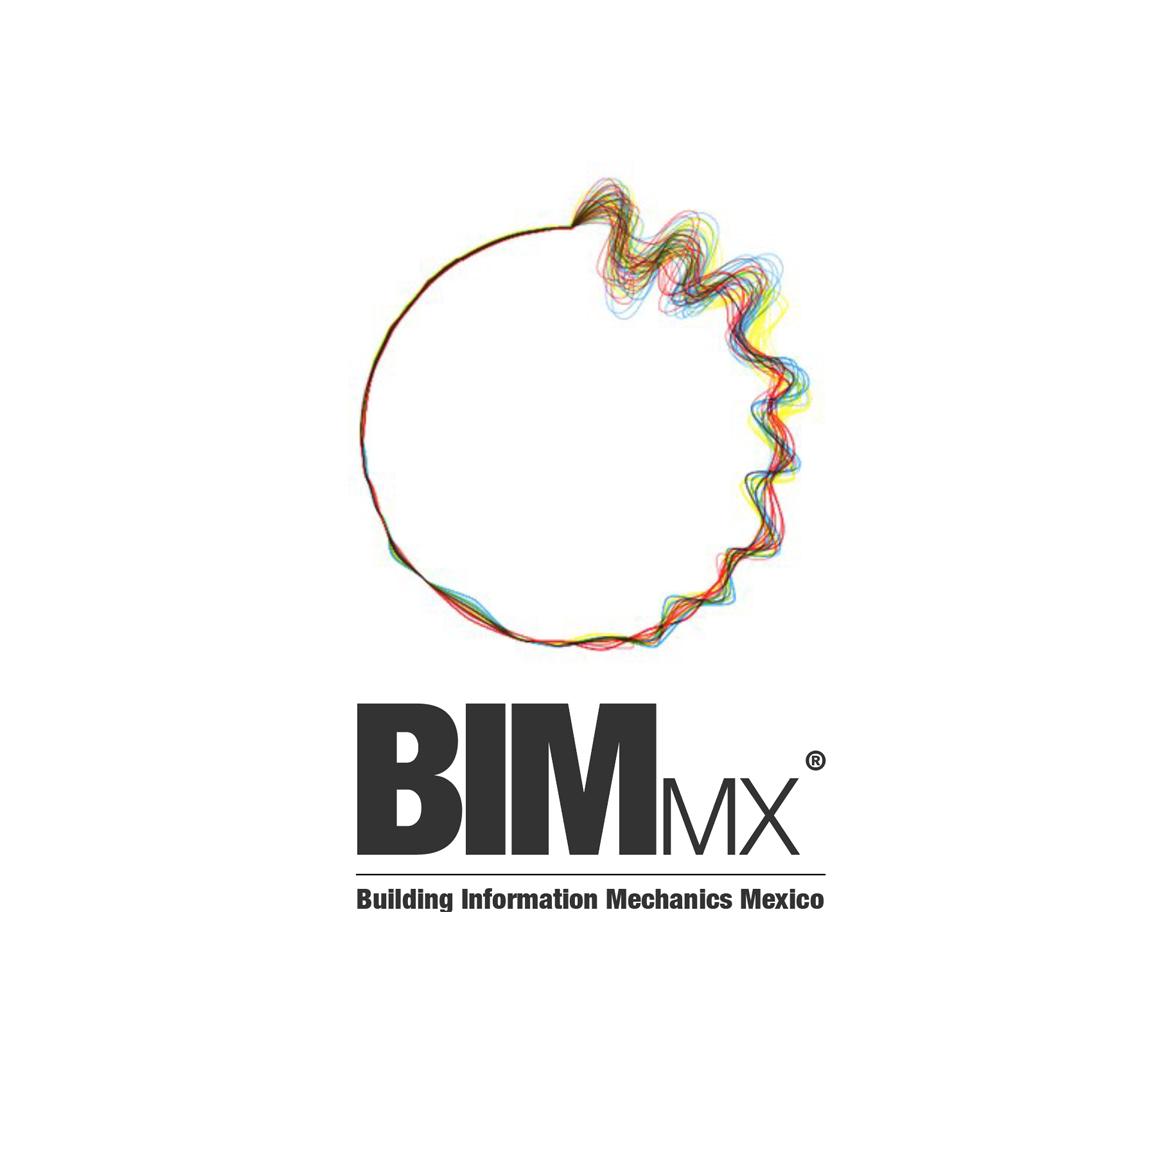 BIMmx